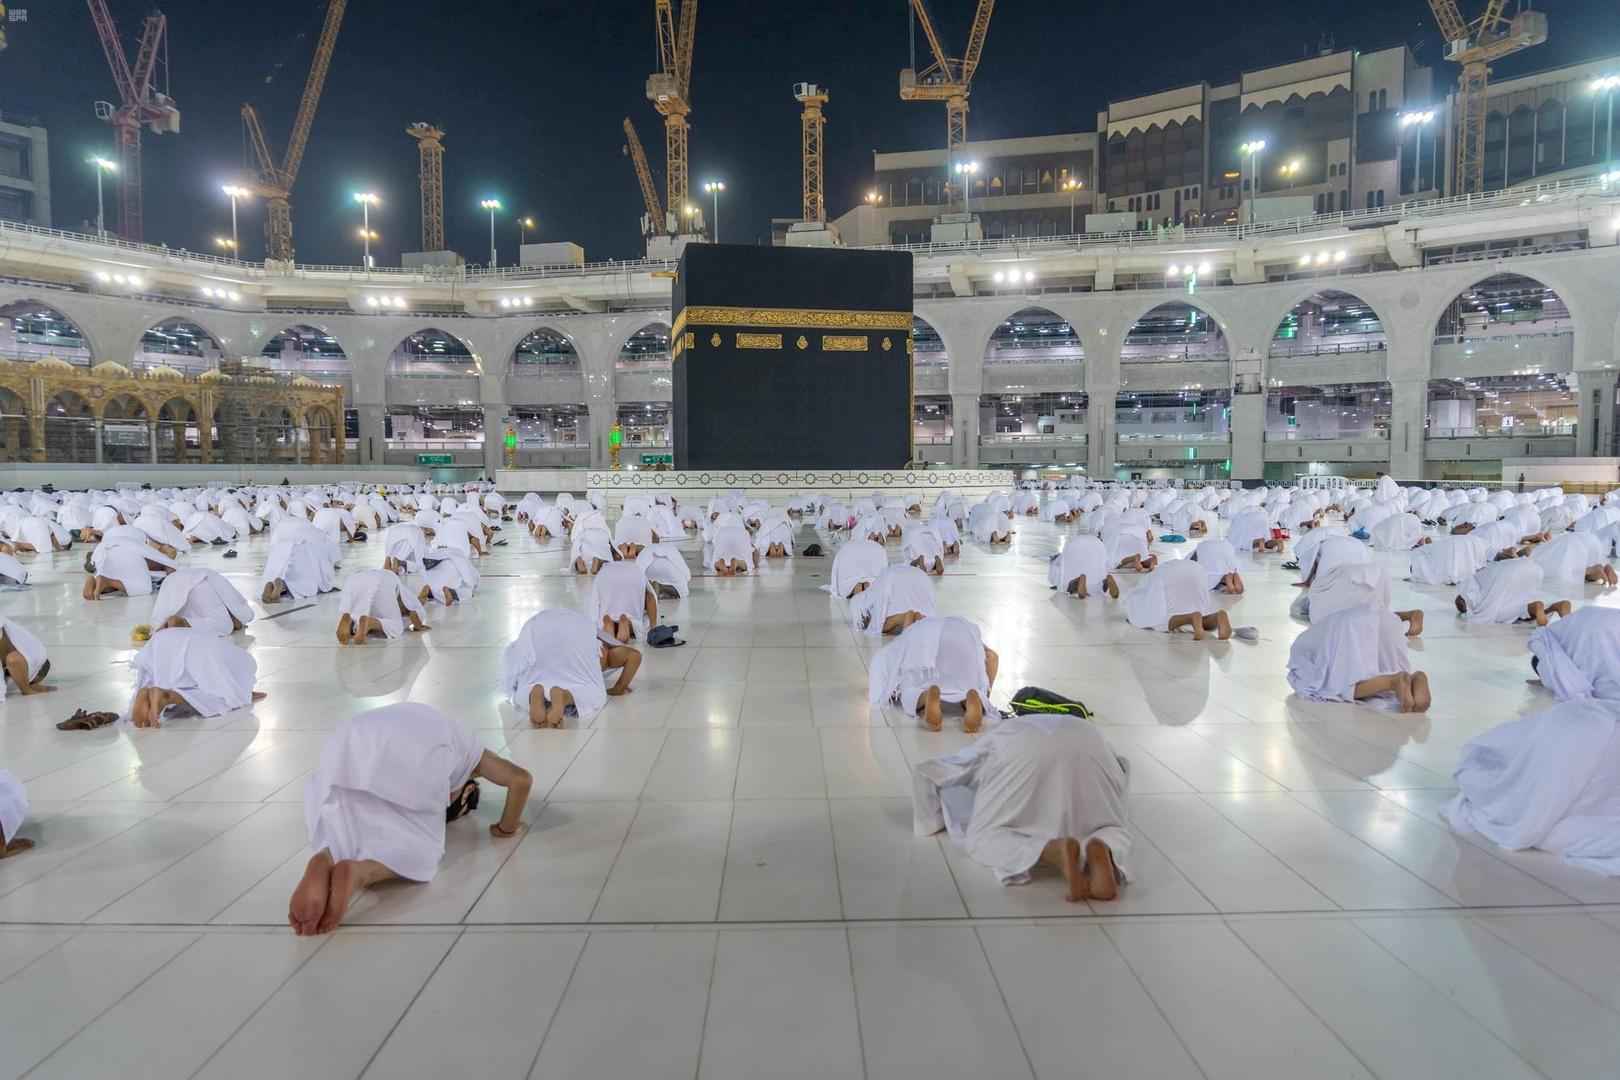 السعودية: إقامة الحج وفق التدابير الوقائية والاحترازية هذا العام